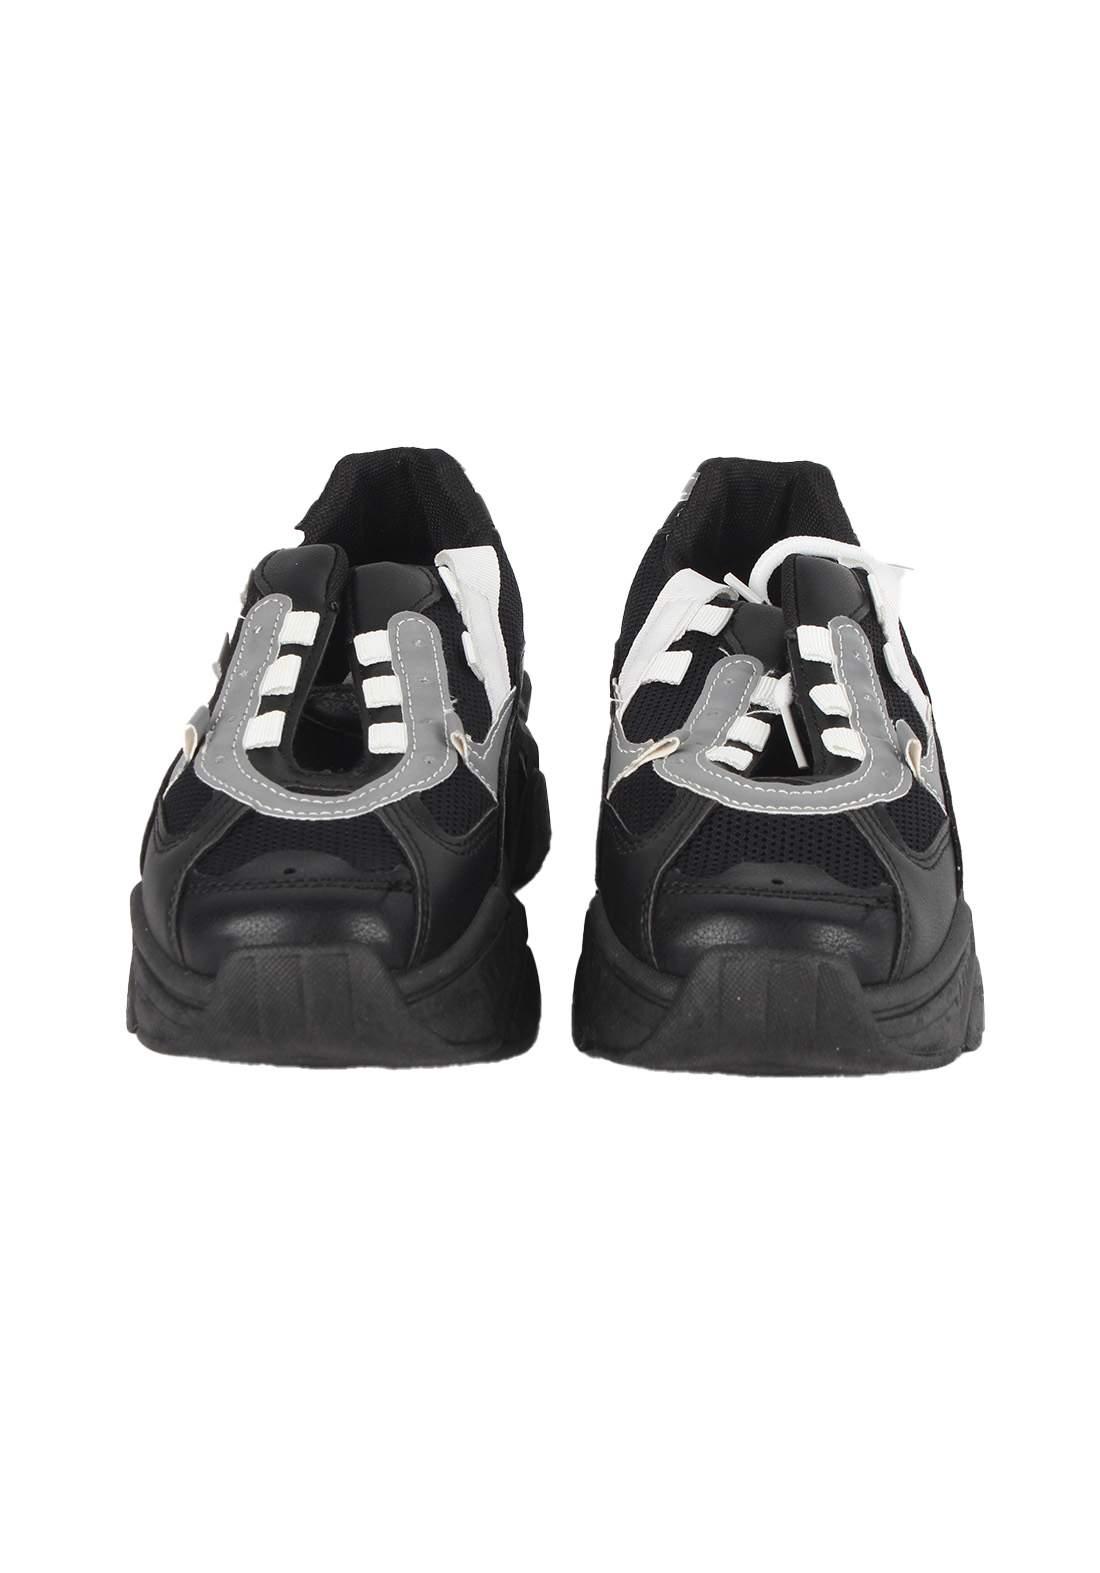 حذاء بناتي رياضي اسود اللون